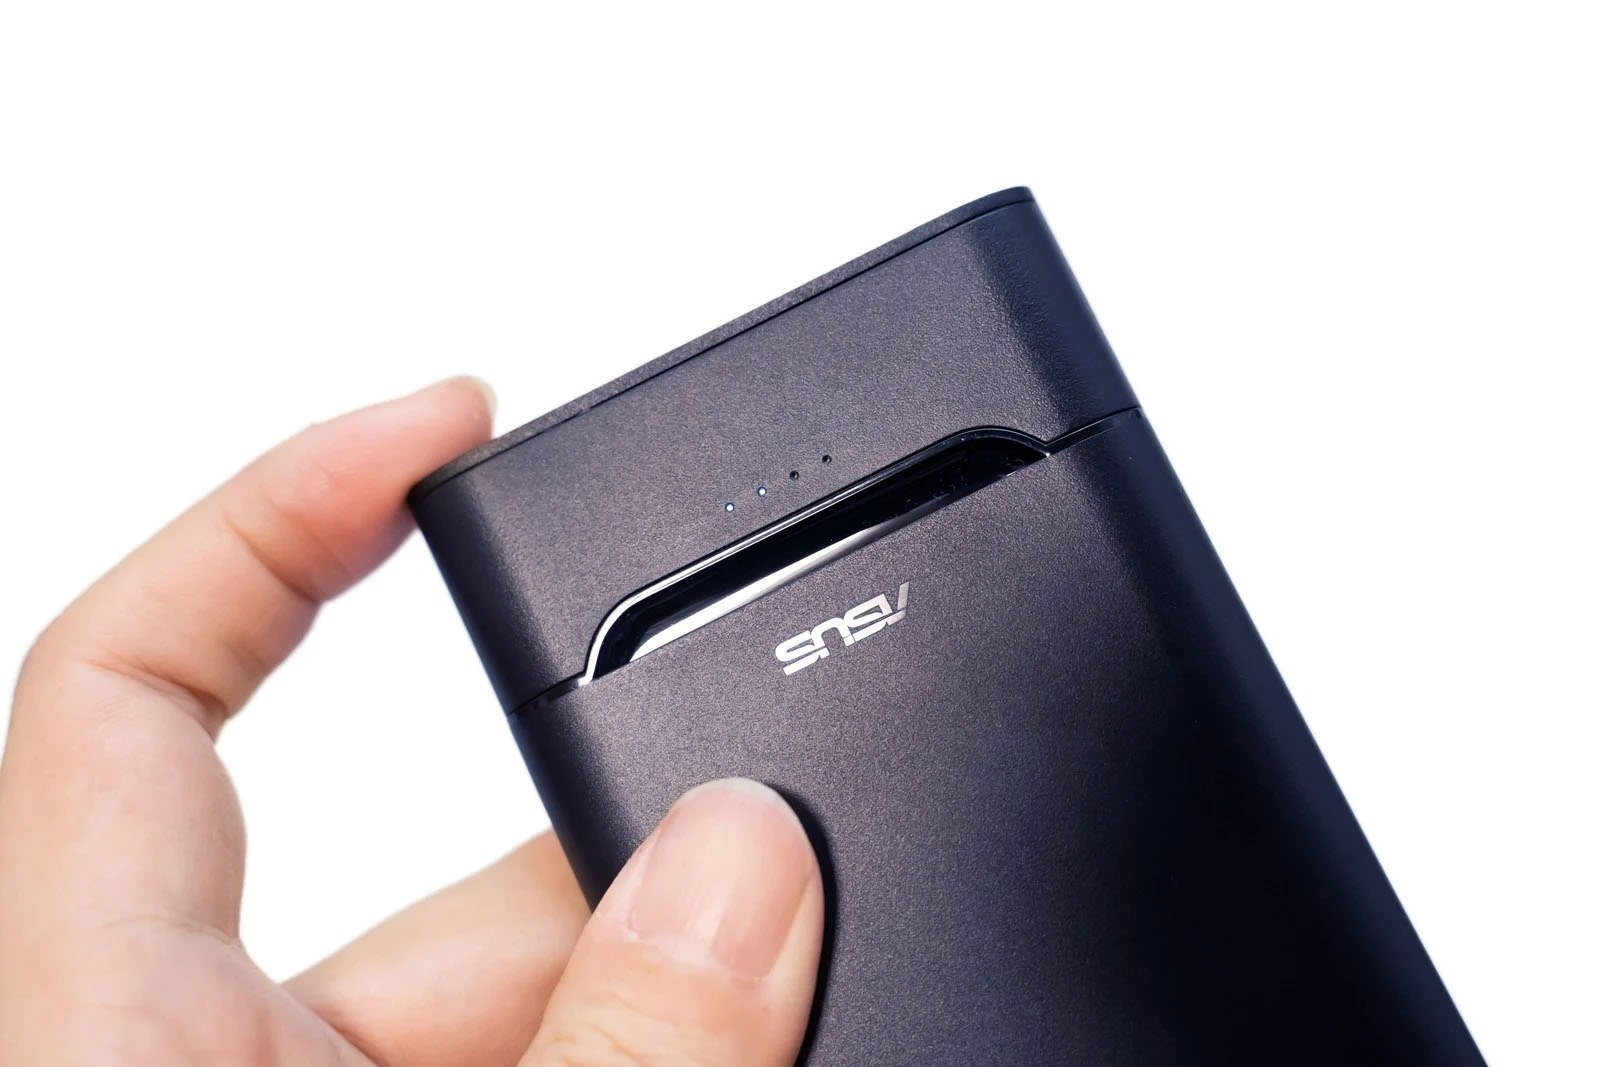 新色新氣象!華碩 ASUS ZenPower 10000 Quick Charge 3.0 行動電源新色開箱! @3C 達人廖阿輝